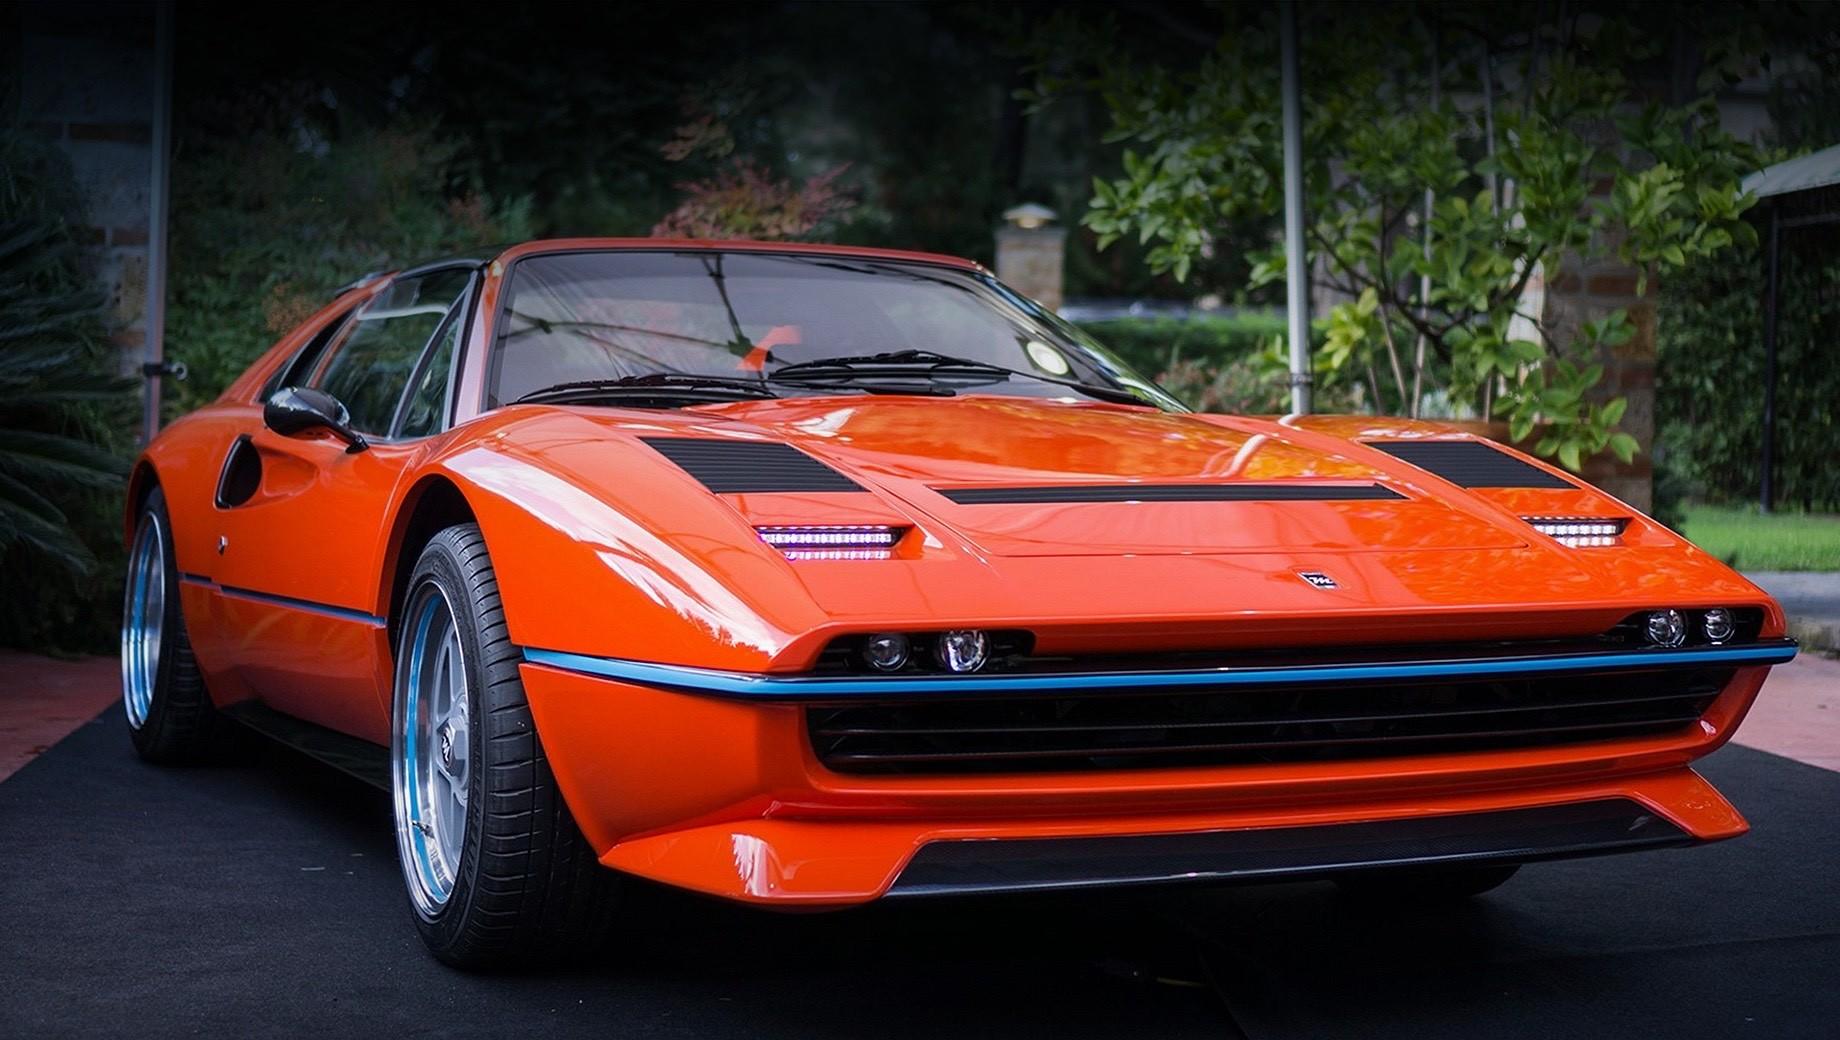 Ferrari 308. Жёсткие нормы безопасности вынудили отказаться от фирменных выдвигающихся фар. Теперь на их месте светодиодные полоски ходовых огней, а головной свет с галогеновыми модулями последнего поколения переехал на переработанный бампер.